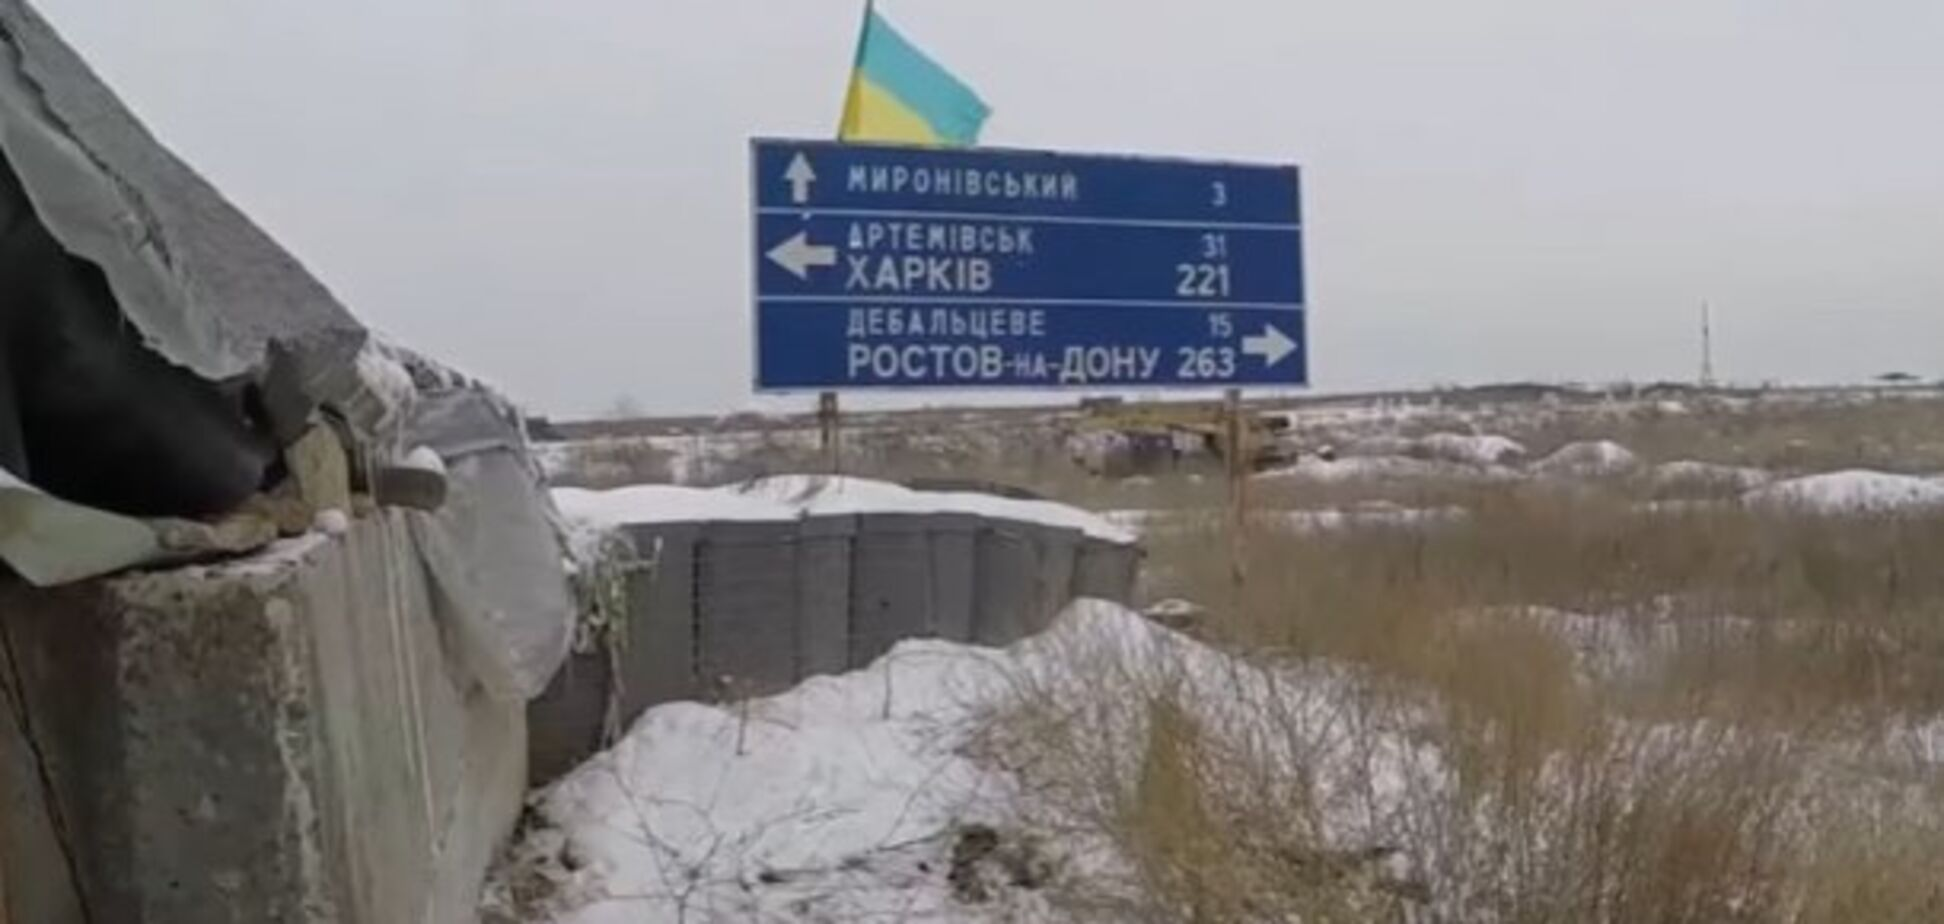 'Третья сила' разгромила позиции террористов на Донбассе - волонтер